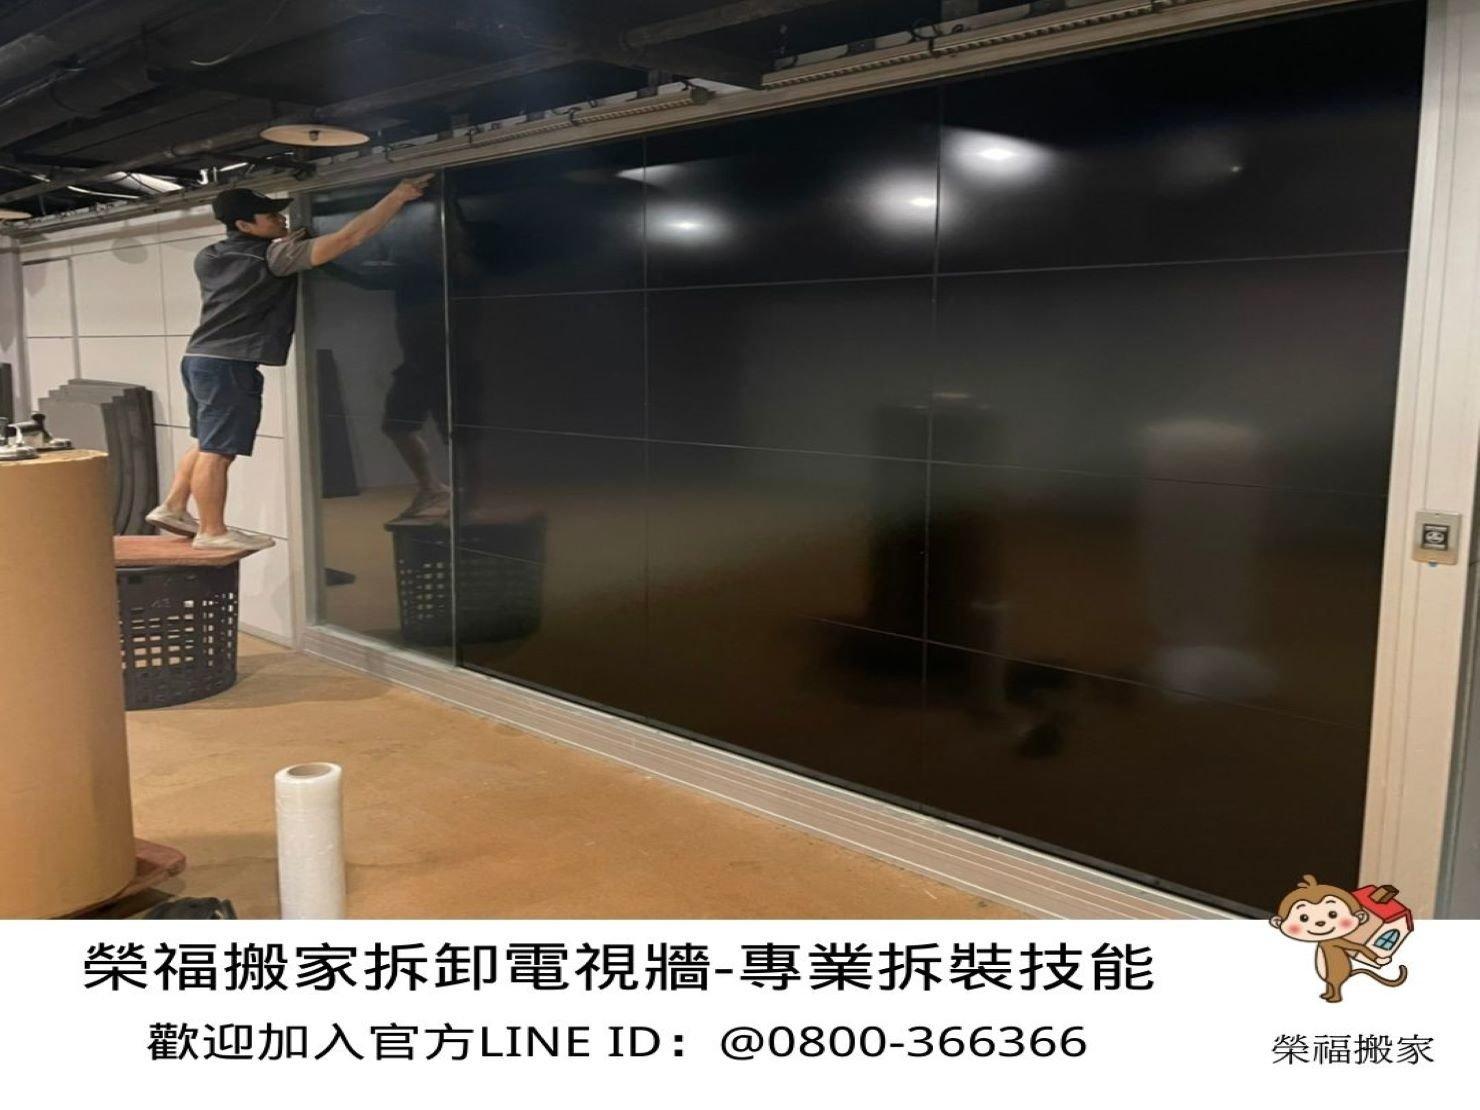 【搬家實錄】整片電視牆該如何拆卸搬運呢?看榮福搬家專業拆裝技能大展身手